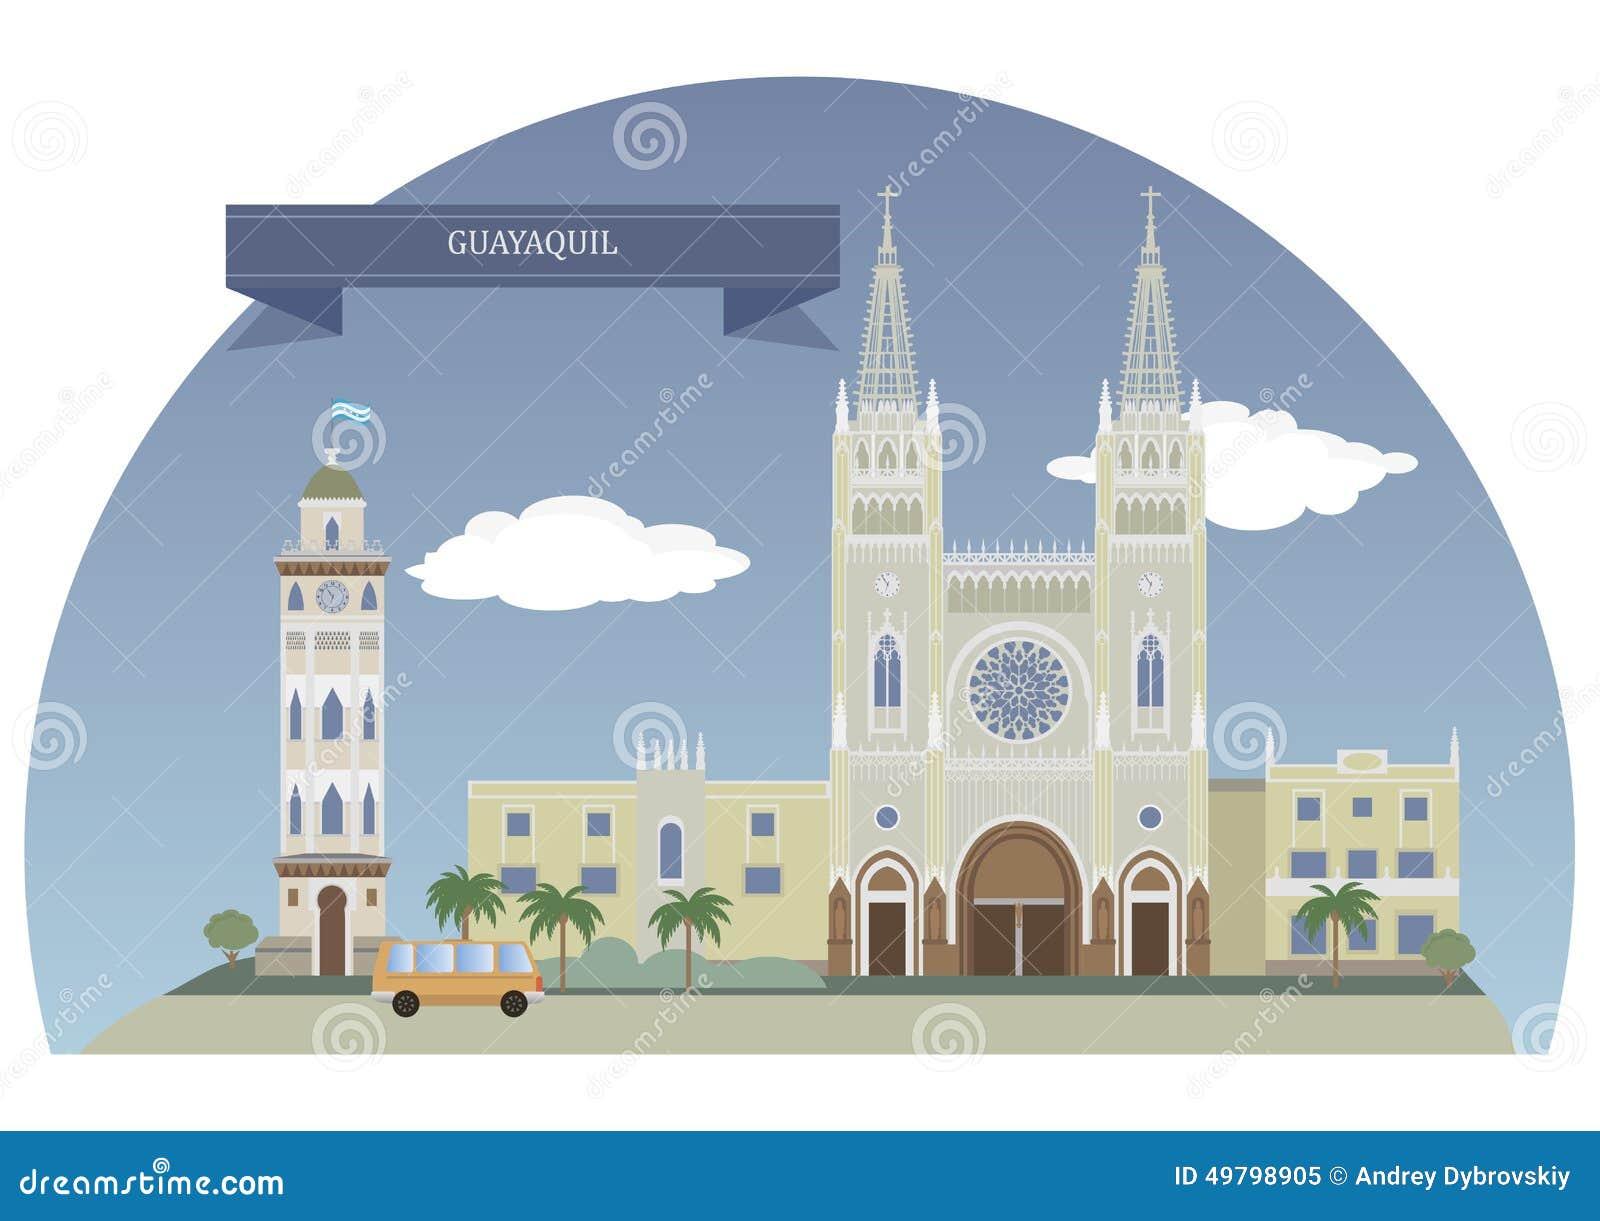 Guayaquil Ilustraciones Stock, Vectores, Y Clipart